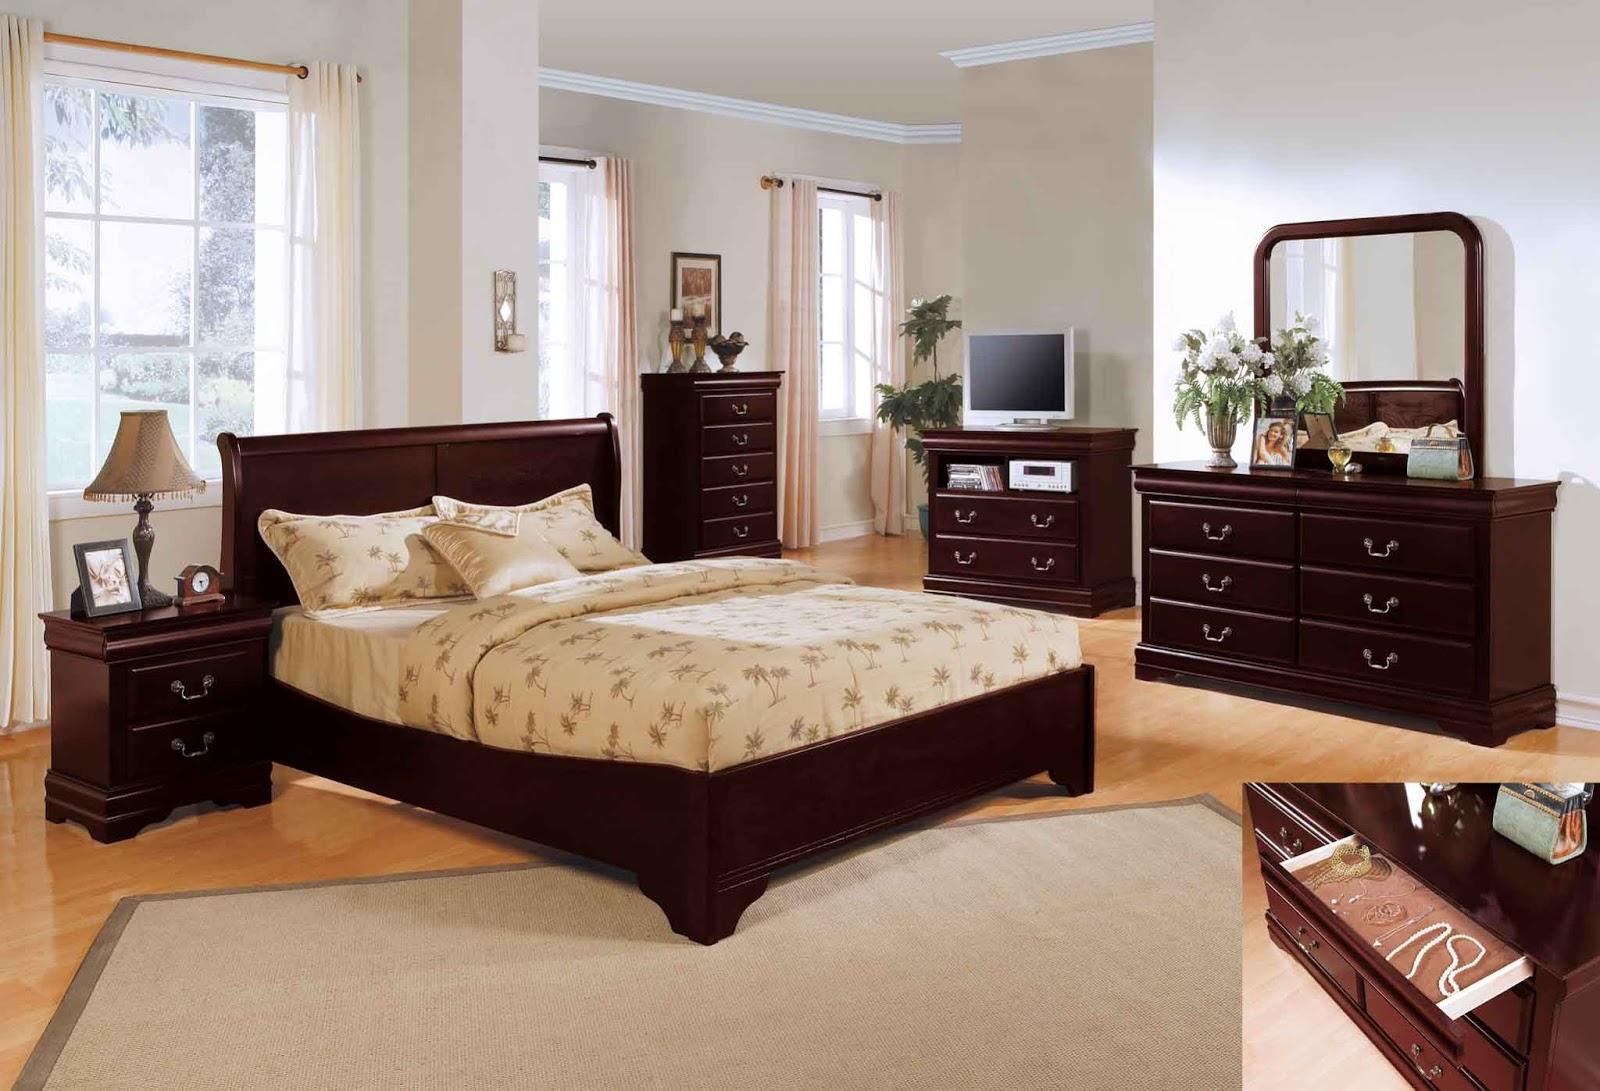 modern bedroom design with traditional bedroom furniture set designs models bedrooms furnitures designs latest solid wood furniture